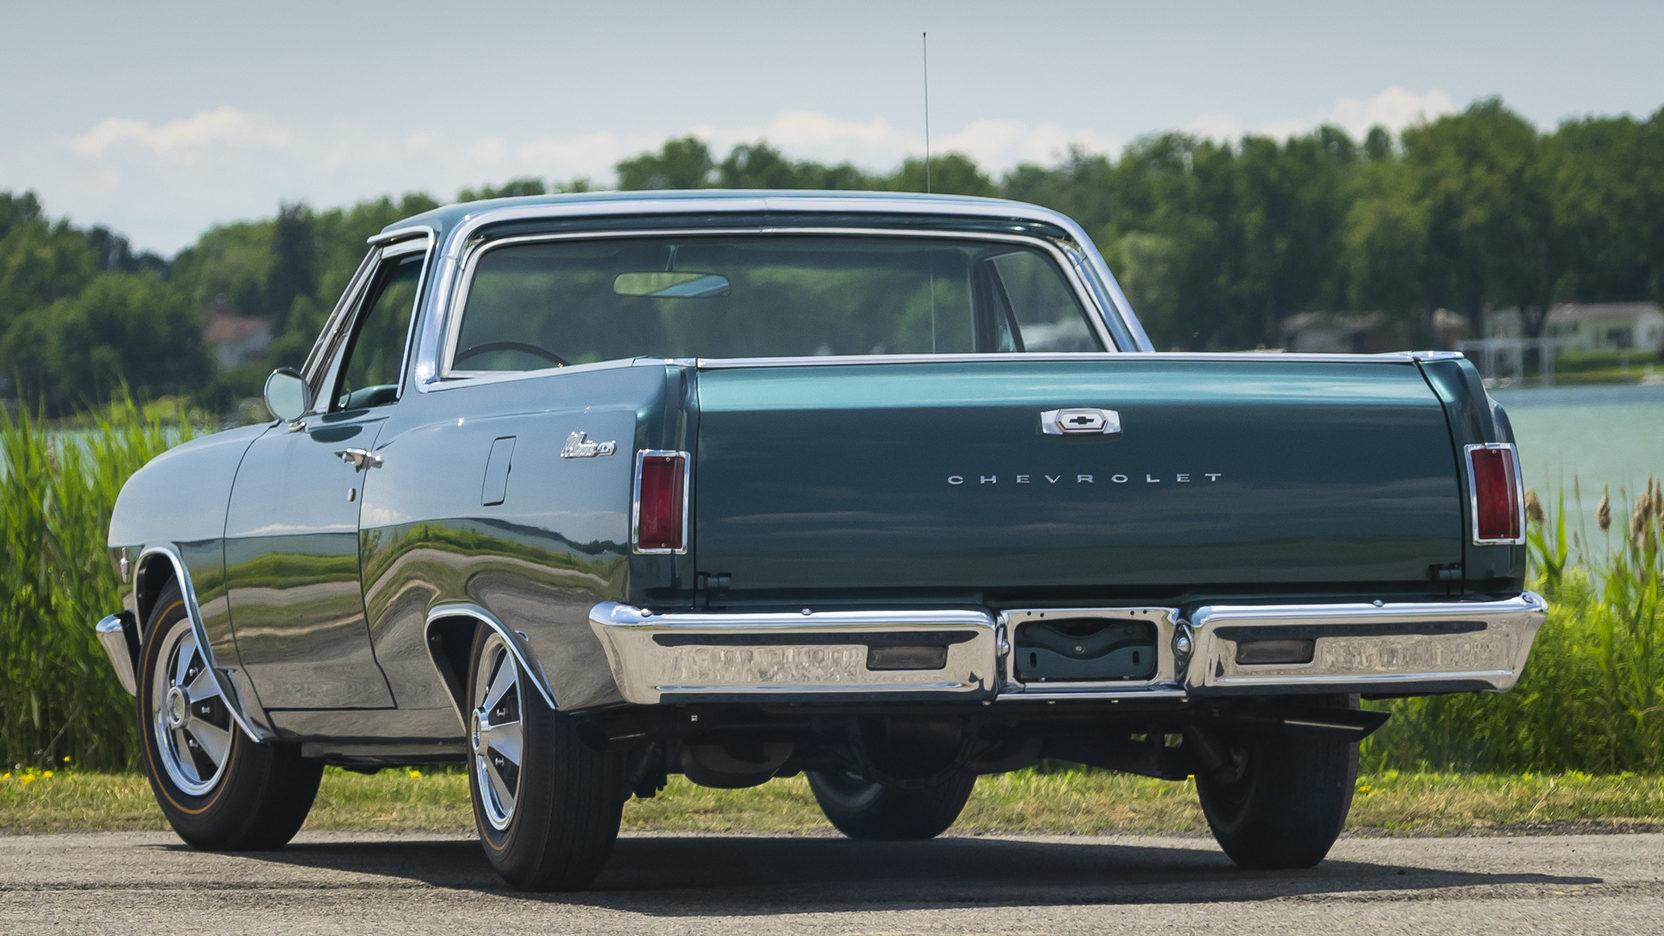 1965 Chevrolet El Camino3/4 rear